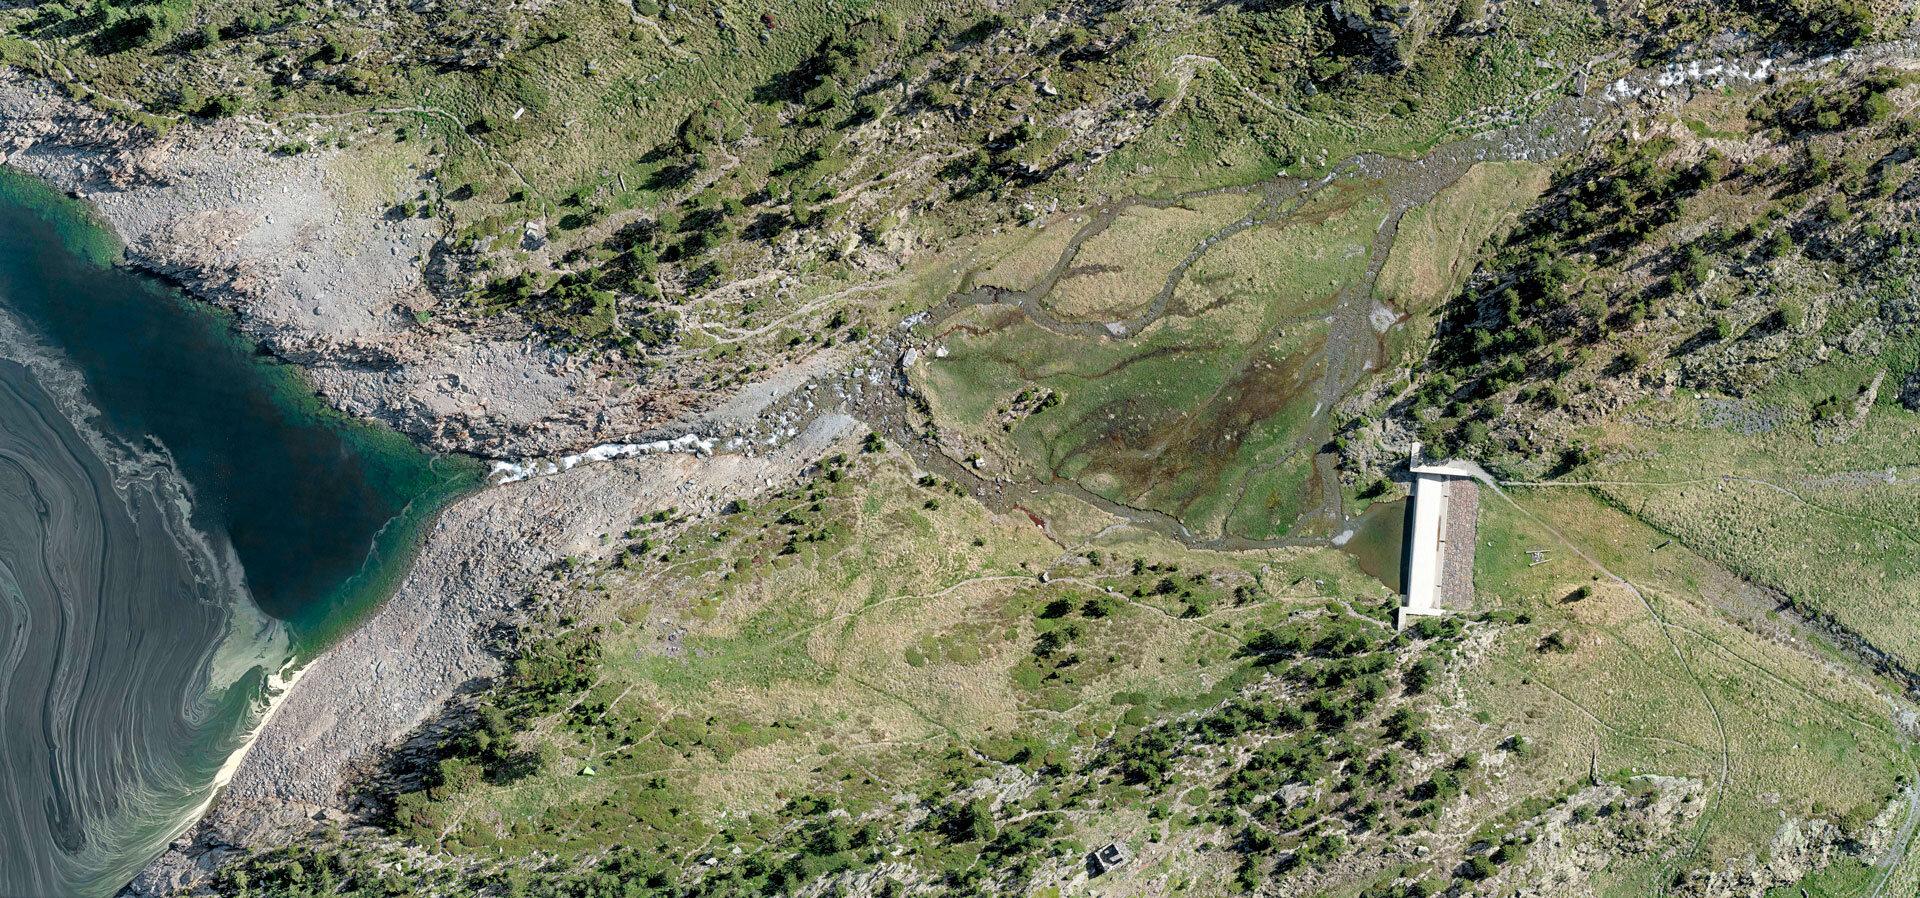 Observation suivie pour la gestion des milieux : forêts, zones humides, … - Ici, une zone humide dans les Pyrénées Orientales. Précision de 1,6 cm/pixel